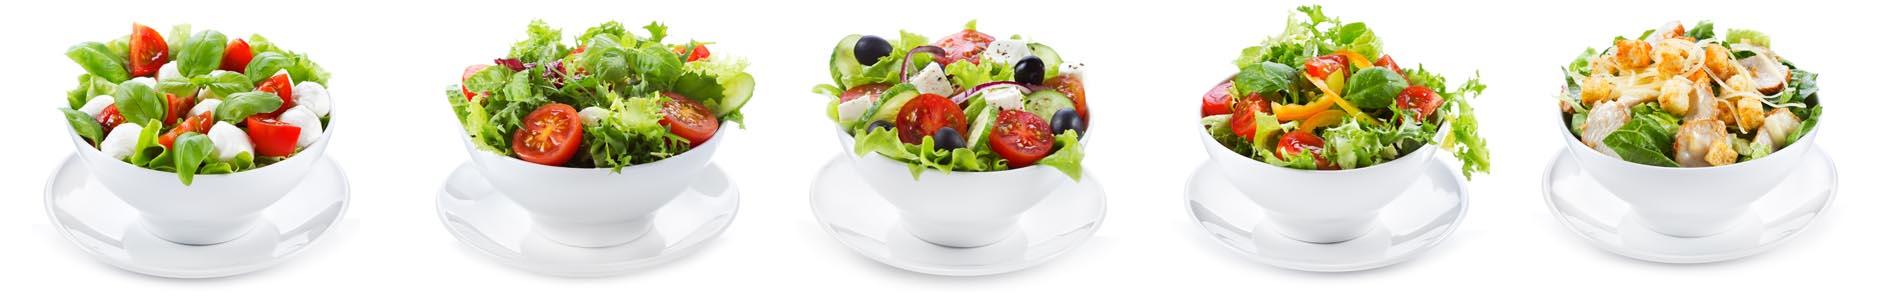 Salate-Bestellen-Burger-Buben